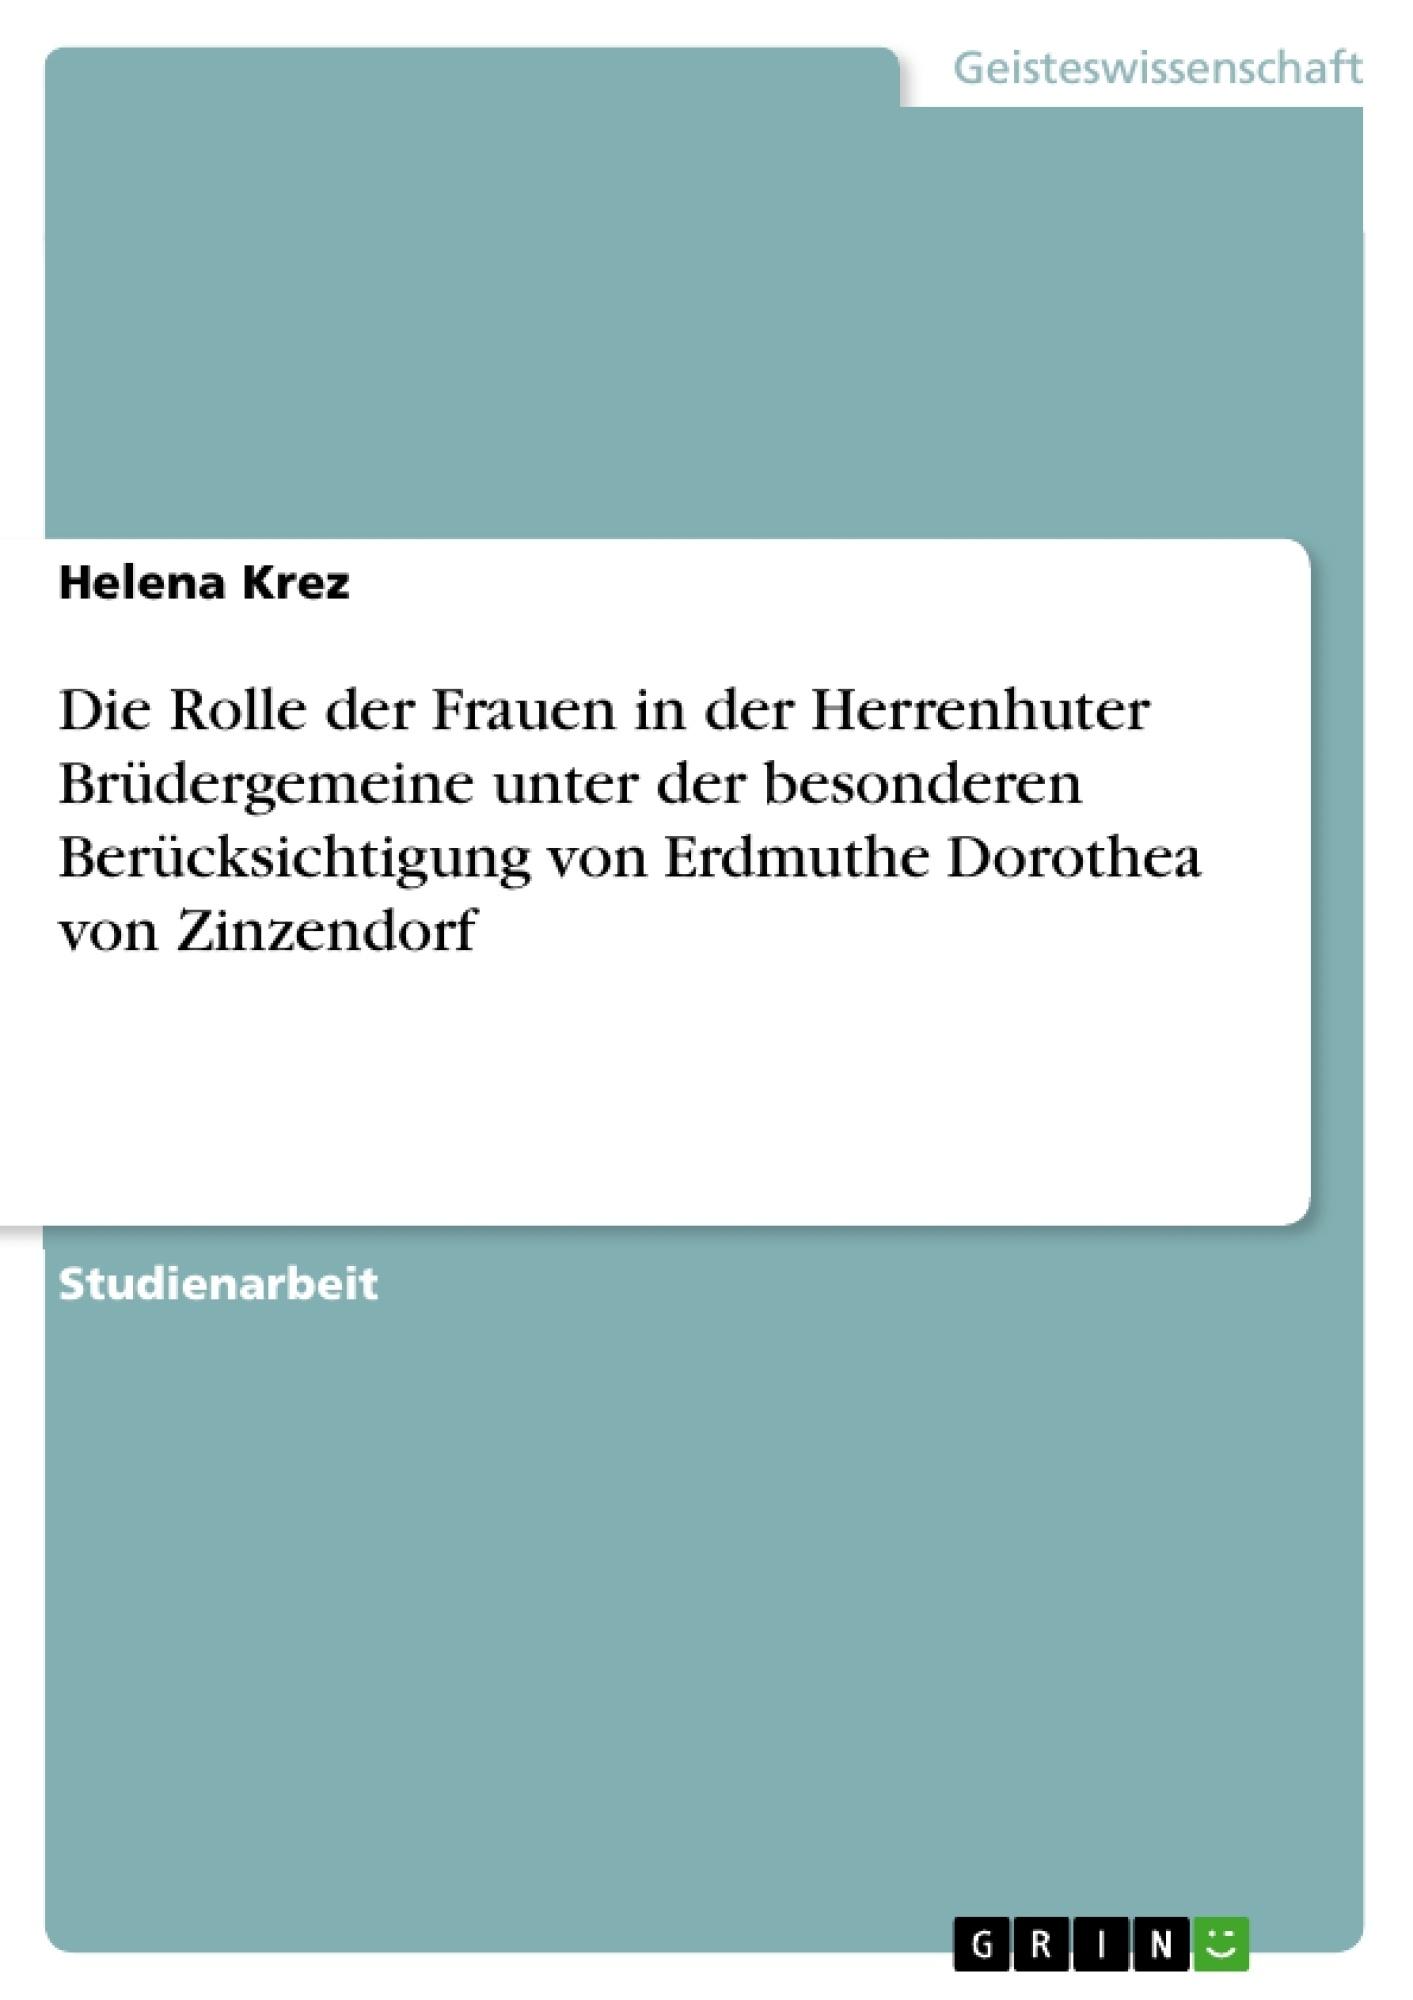 Titel: Die Rolle der Frauen in der Herrenhuter Brüdergemeine unter der besonderen Berücksichtigung von Erdmuthe Dorothea von Zinzendorf